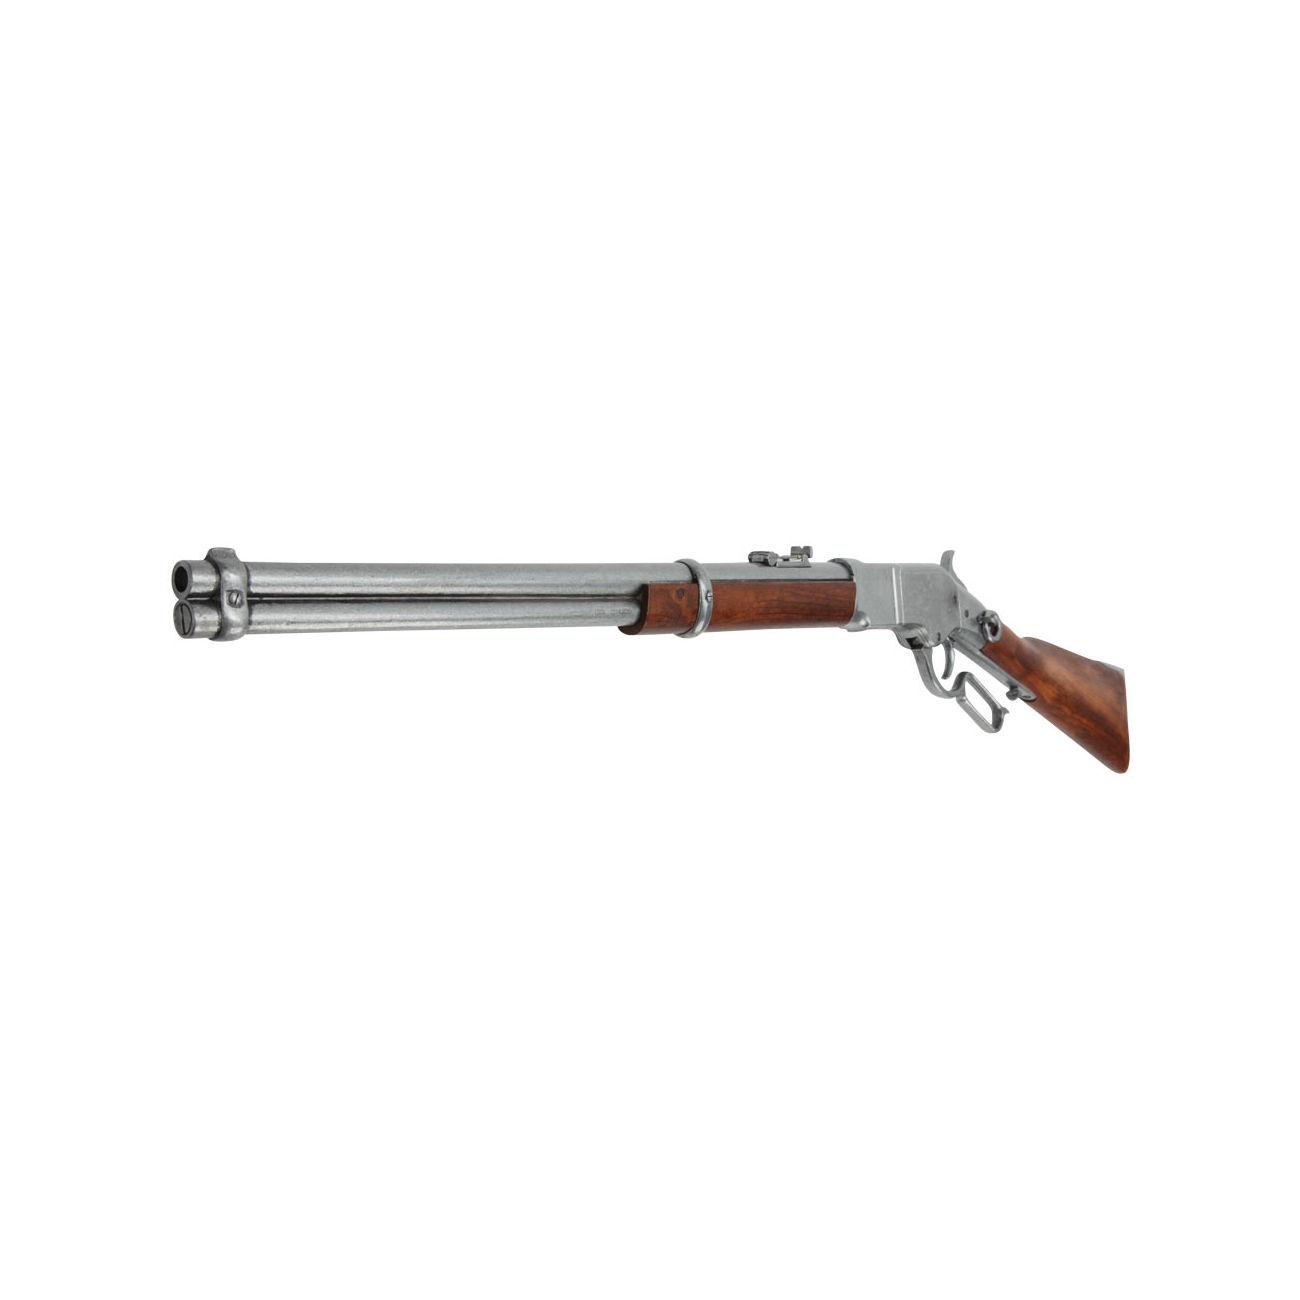 Winchester 73 Kaufen